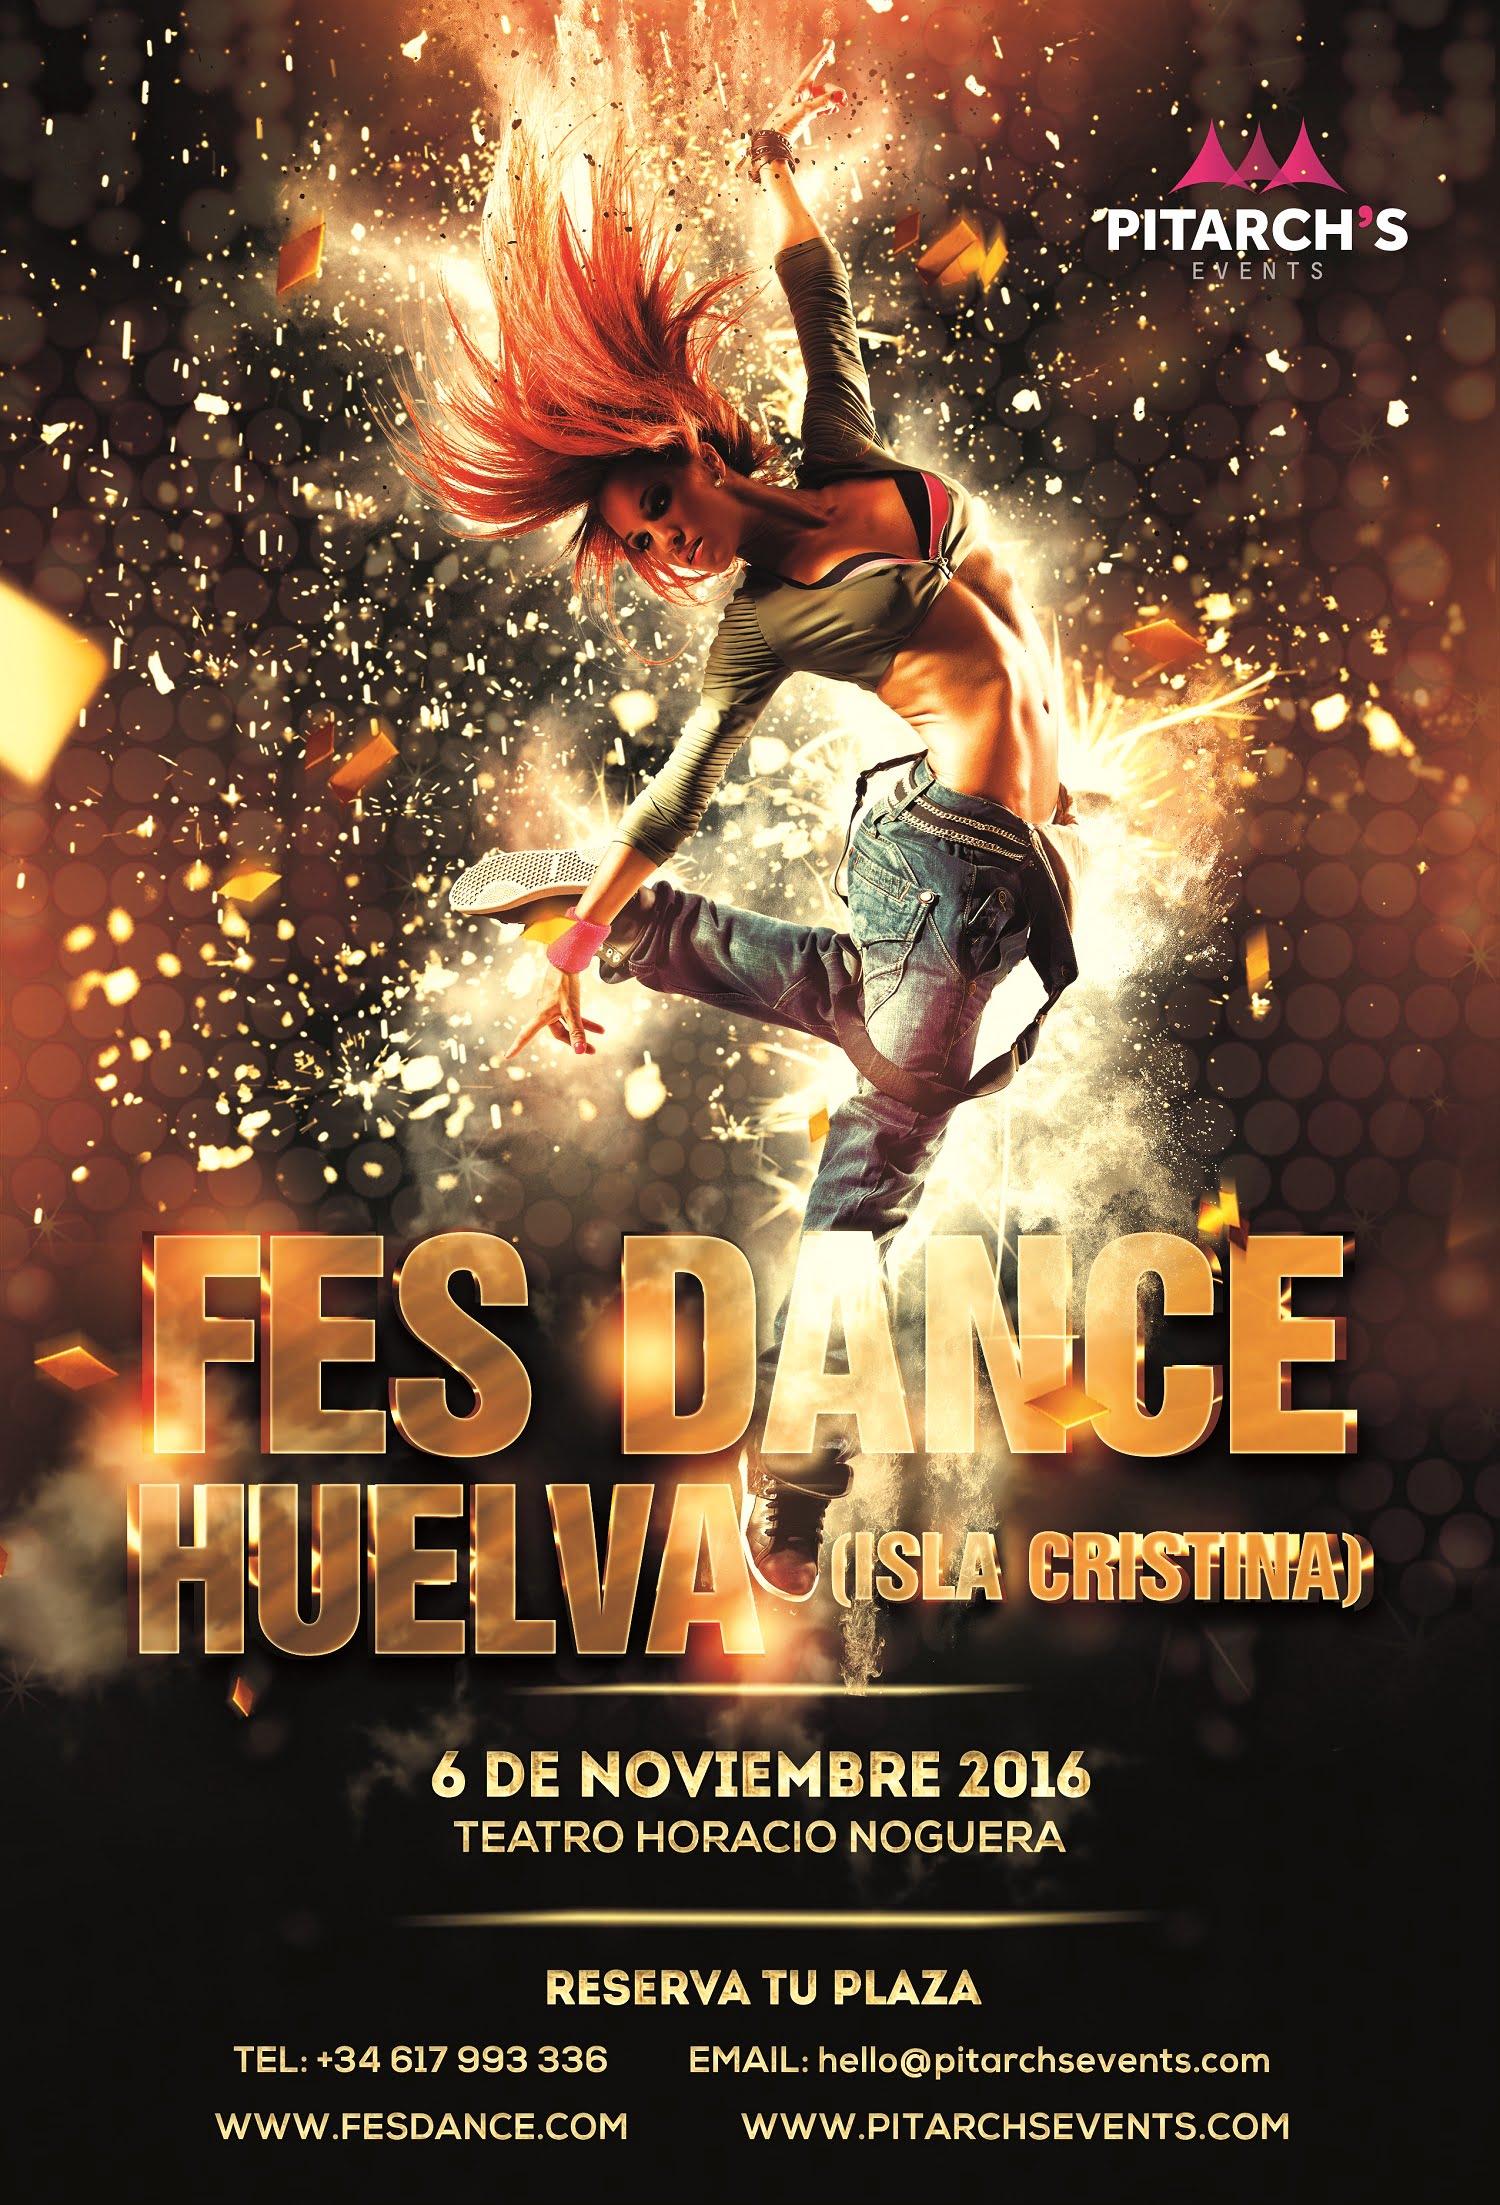 Cartel anunciador de la edición de FesDance 2016